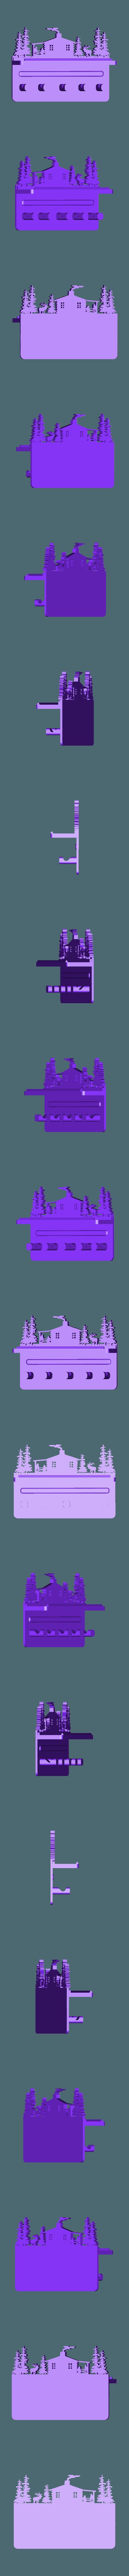 Cabin_moose.stl Télécharger fichier STL gratuit Porte-clés • Design pour imprimante 3D, snagman